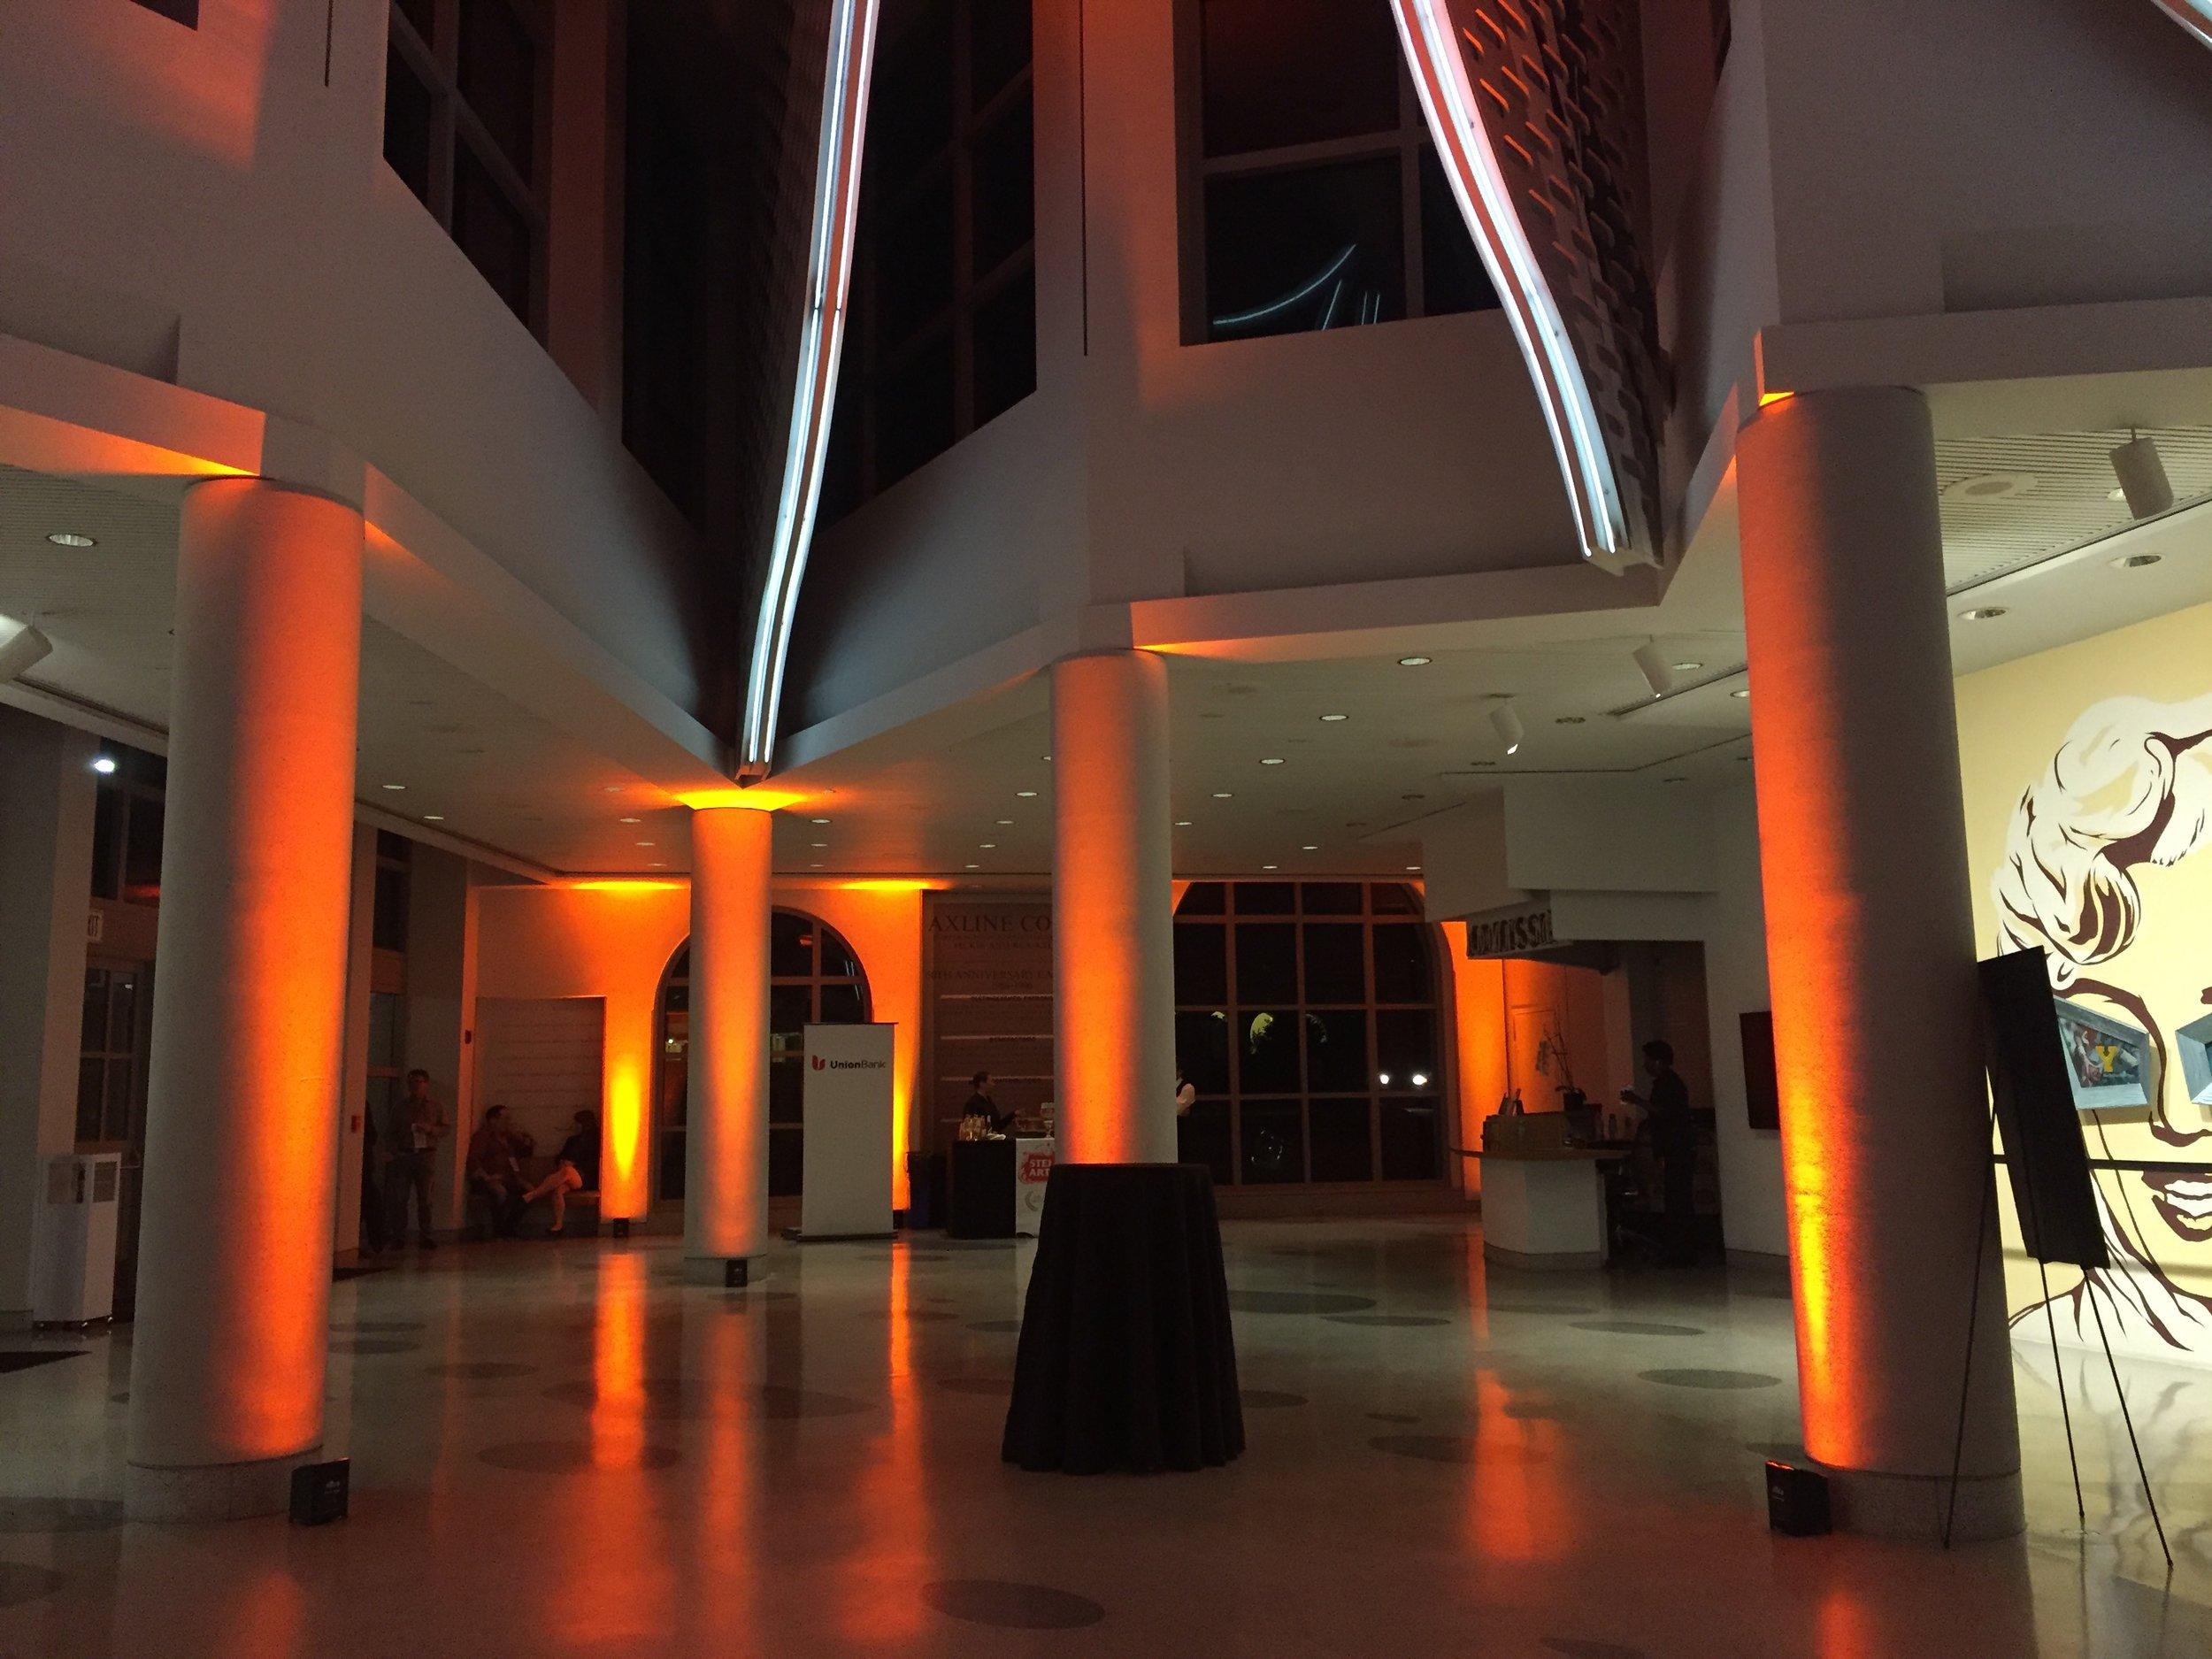 Museum of Contemporary Art Uplighting